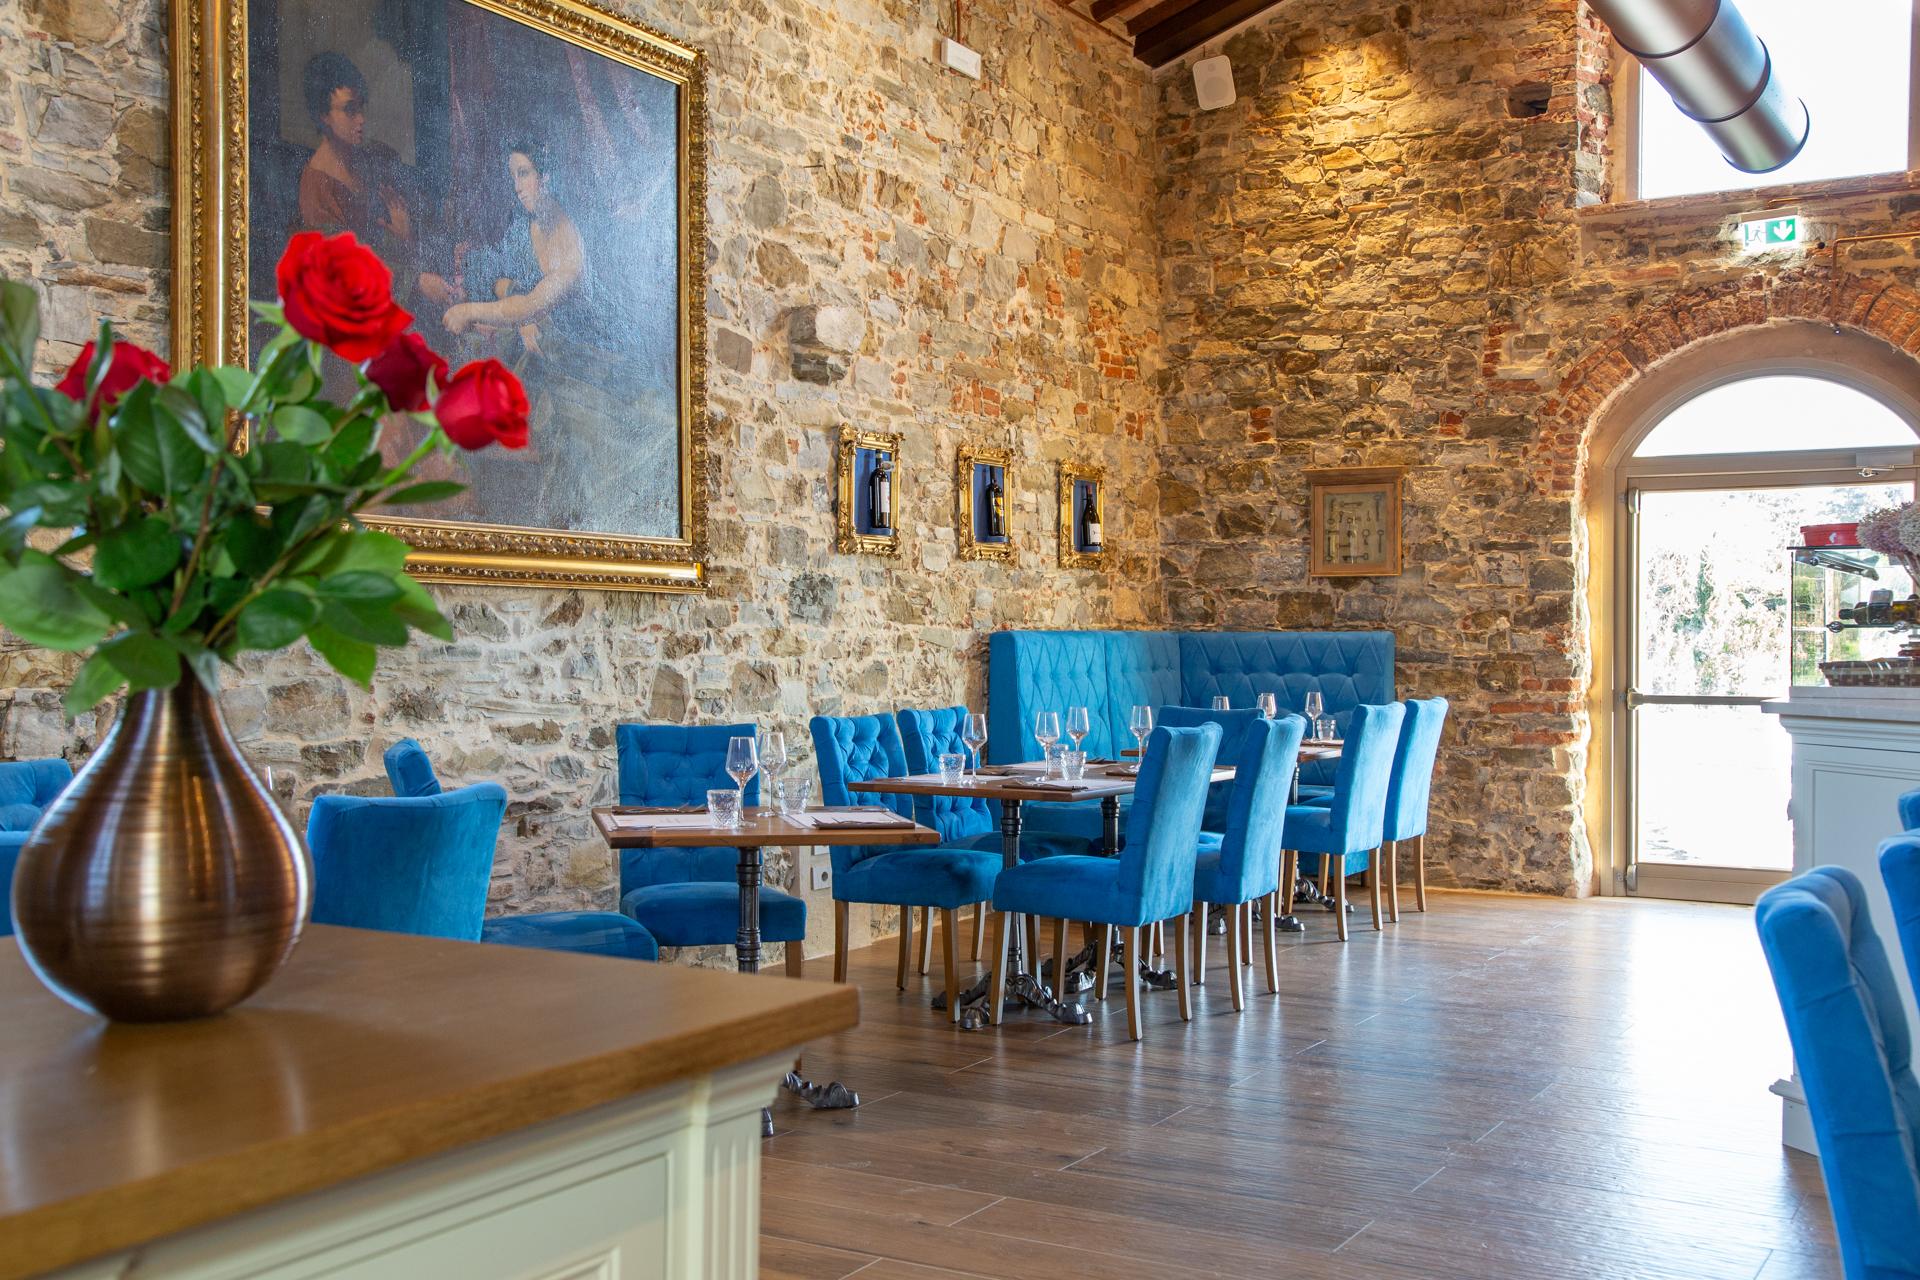 Sala da Pranzo La Fornace de Medici. Un luogo pieno di storia e di arte, i fiori di stagione accompagnano con forti contrasti il colore blu acceso delle sedie in veluto.